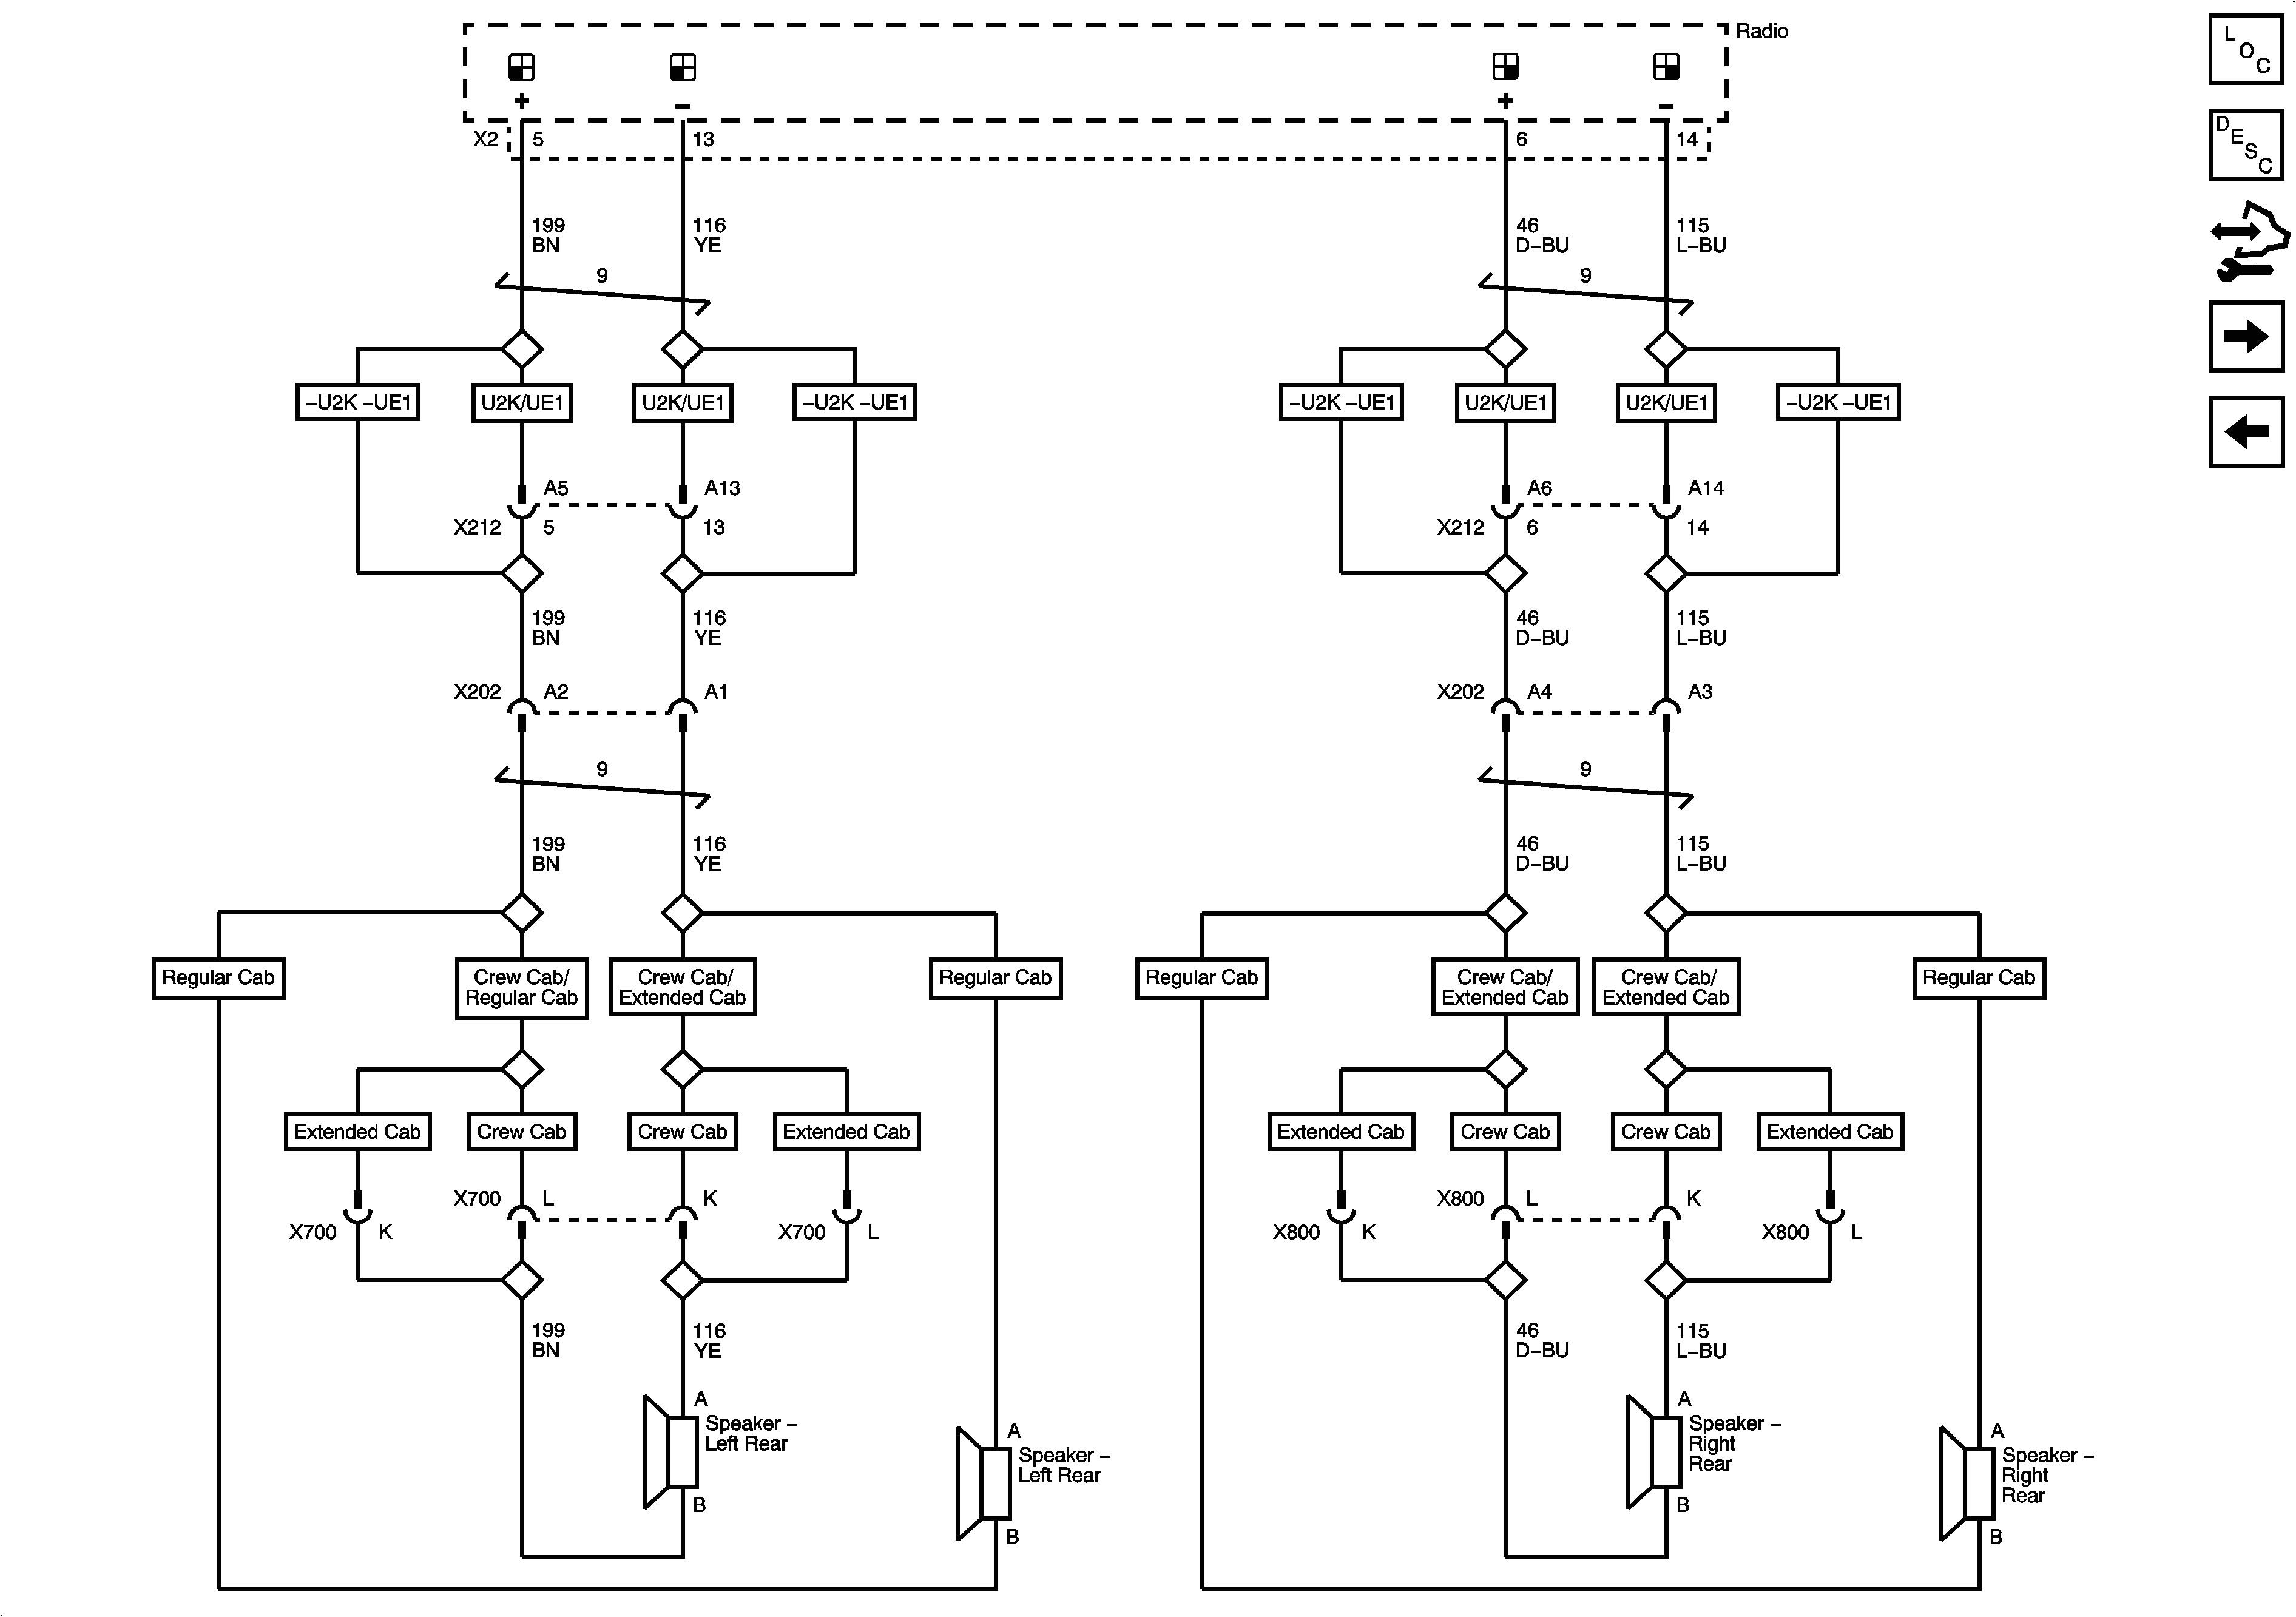 wiring diagram impala radio blog chevy silverado unique jpg